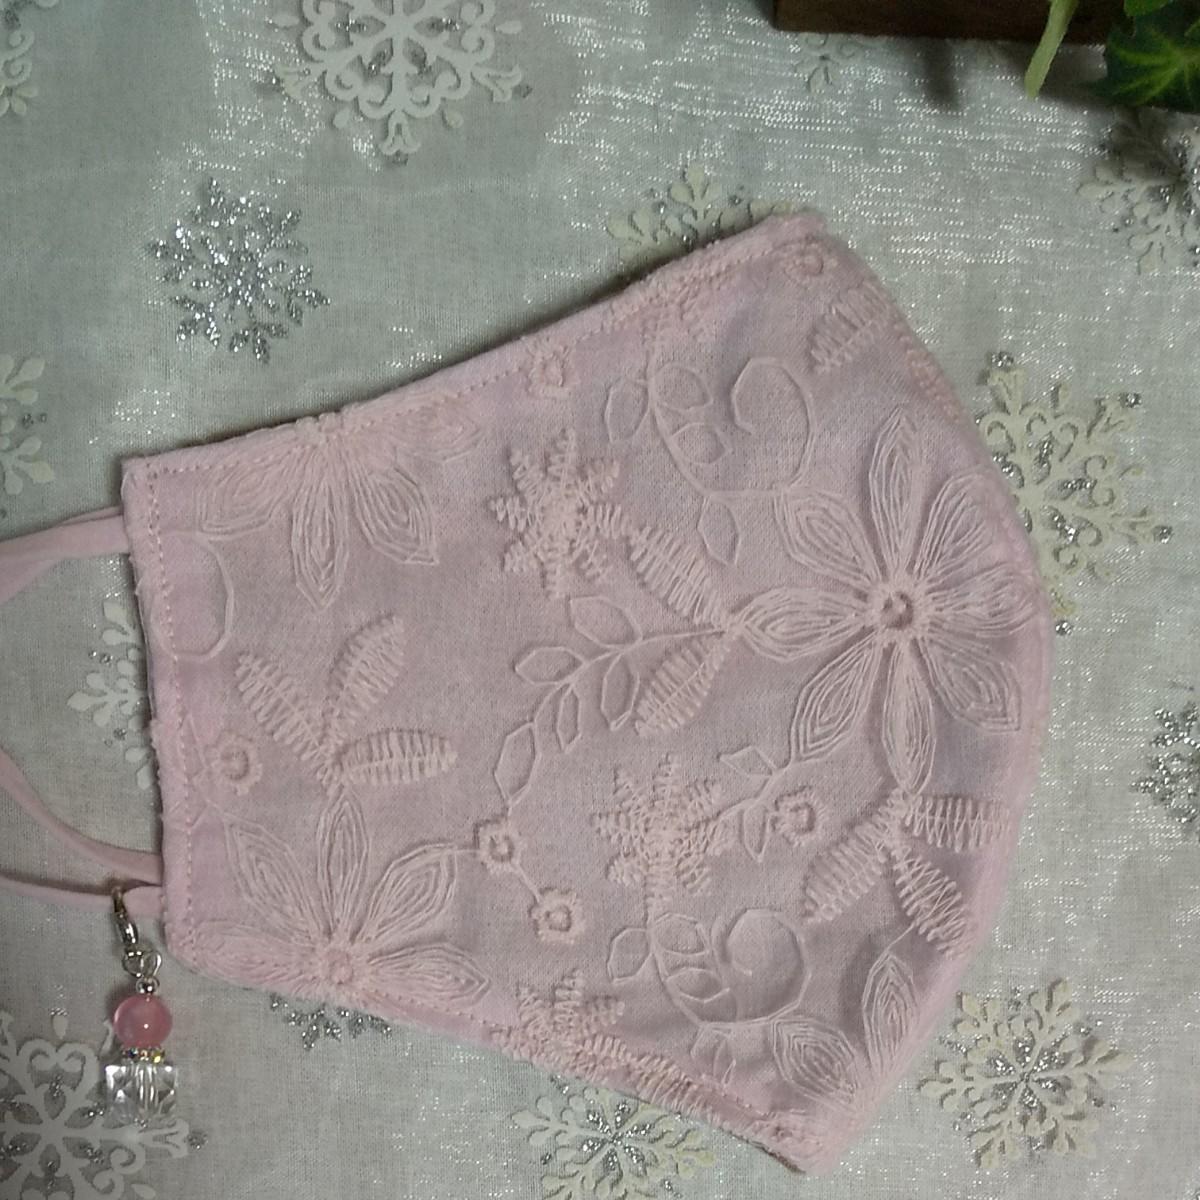 立体インナーハンドメイド、綿ガーゼ、チュール刺繍レース(ピンク×ピンク刺繍レース)(大きめサイズ)アジャスター付、チャーム付